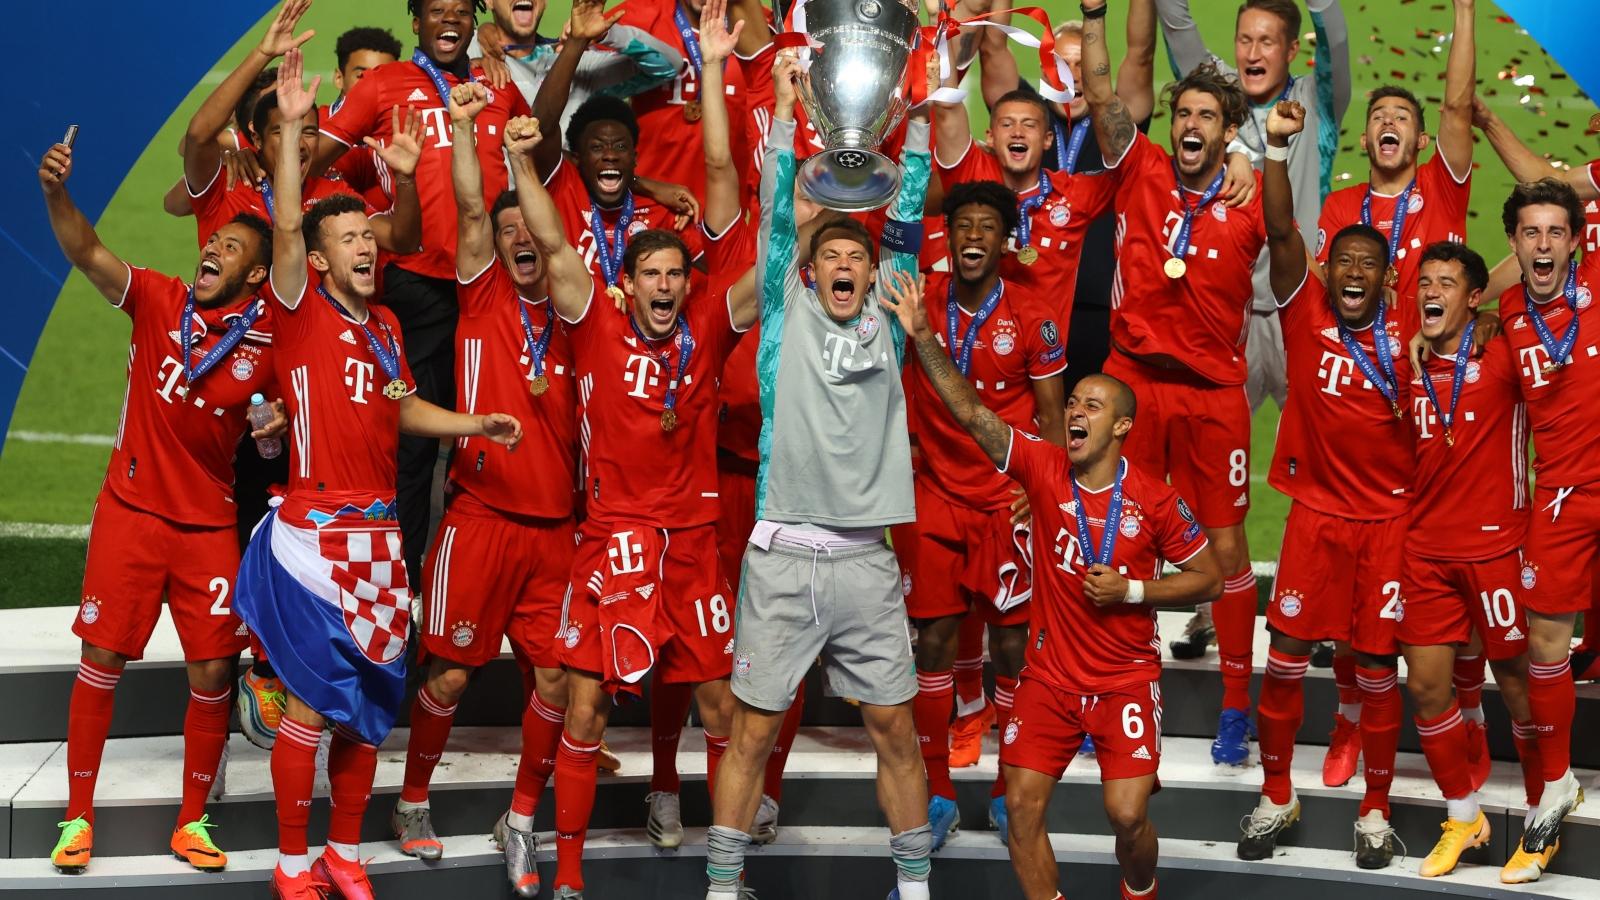 """Bayern vô địch châu Âu: Khi lịch sử nghiêng mình trước """"Hùm xám"""""""